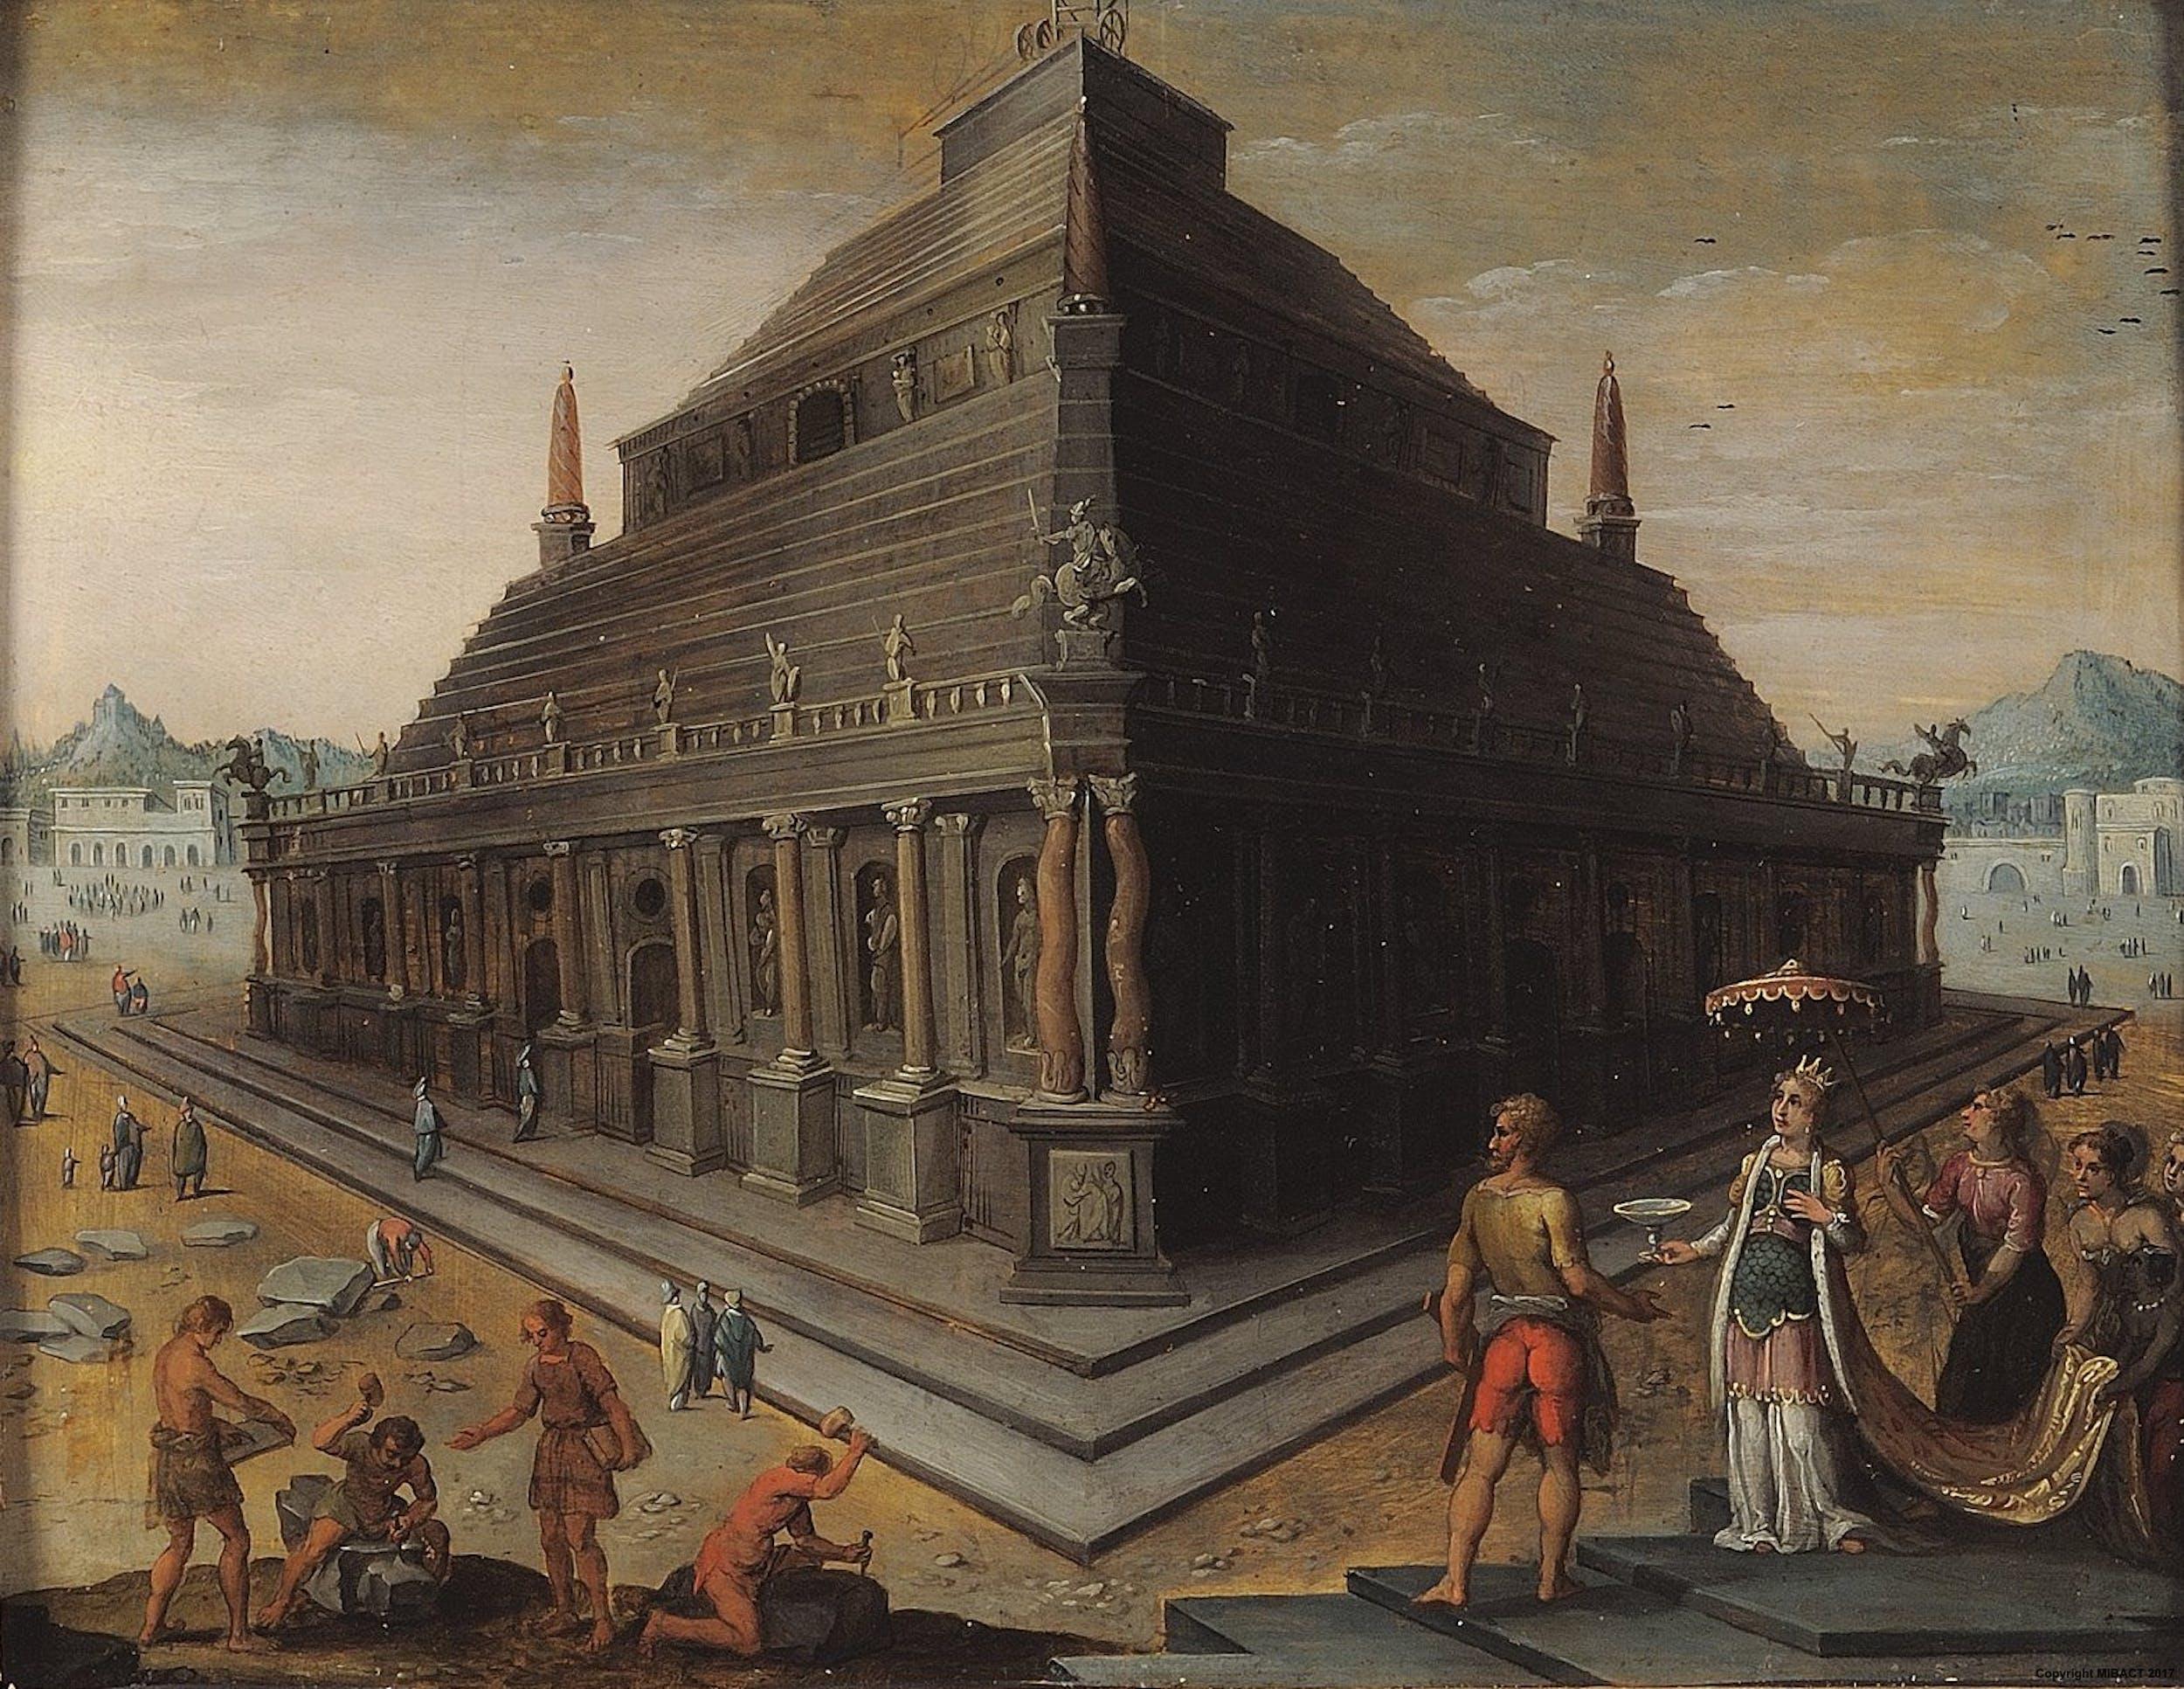 Il Mausoleo di Alicarnasso Inv. 1890 n.5974